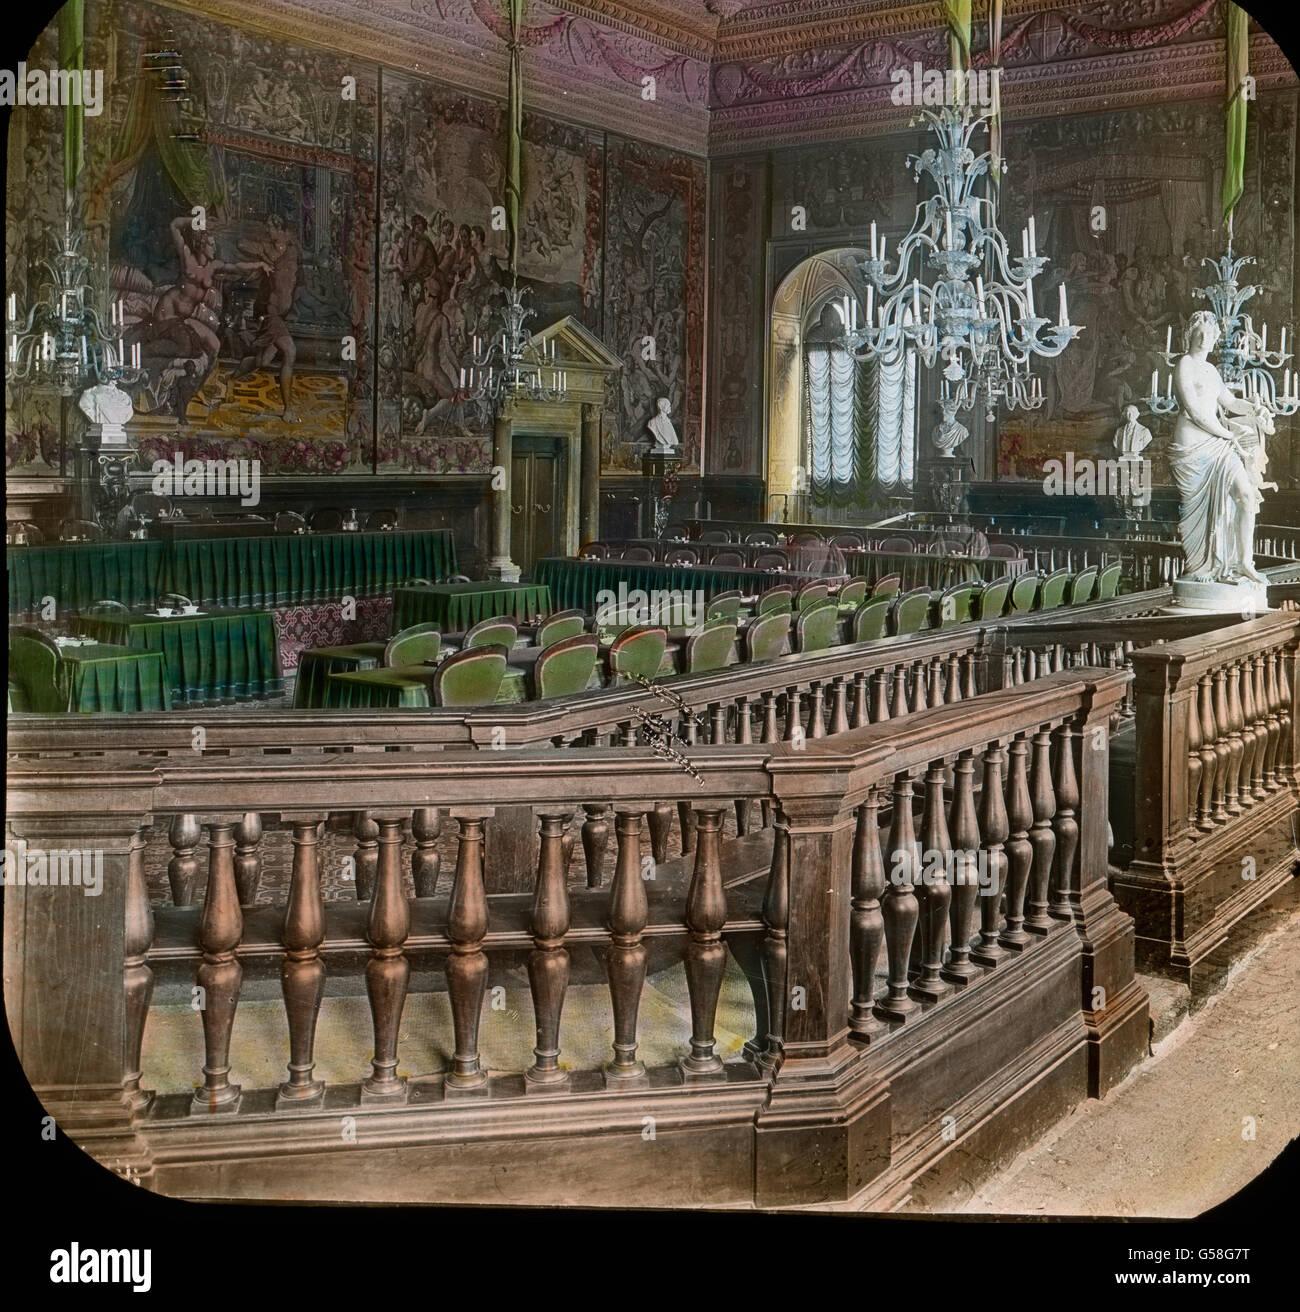 Prächtige Gemälde schildern die Geschichte von Florenz und der es beherrschenden Medici. Die Teppiche Immagini Stock